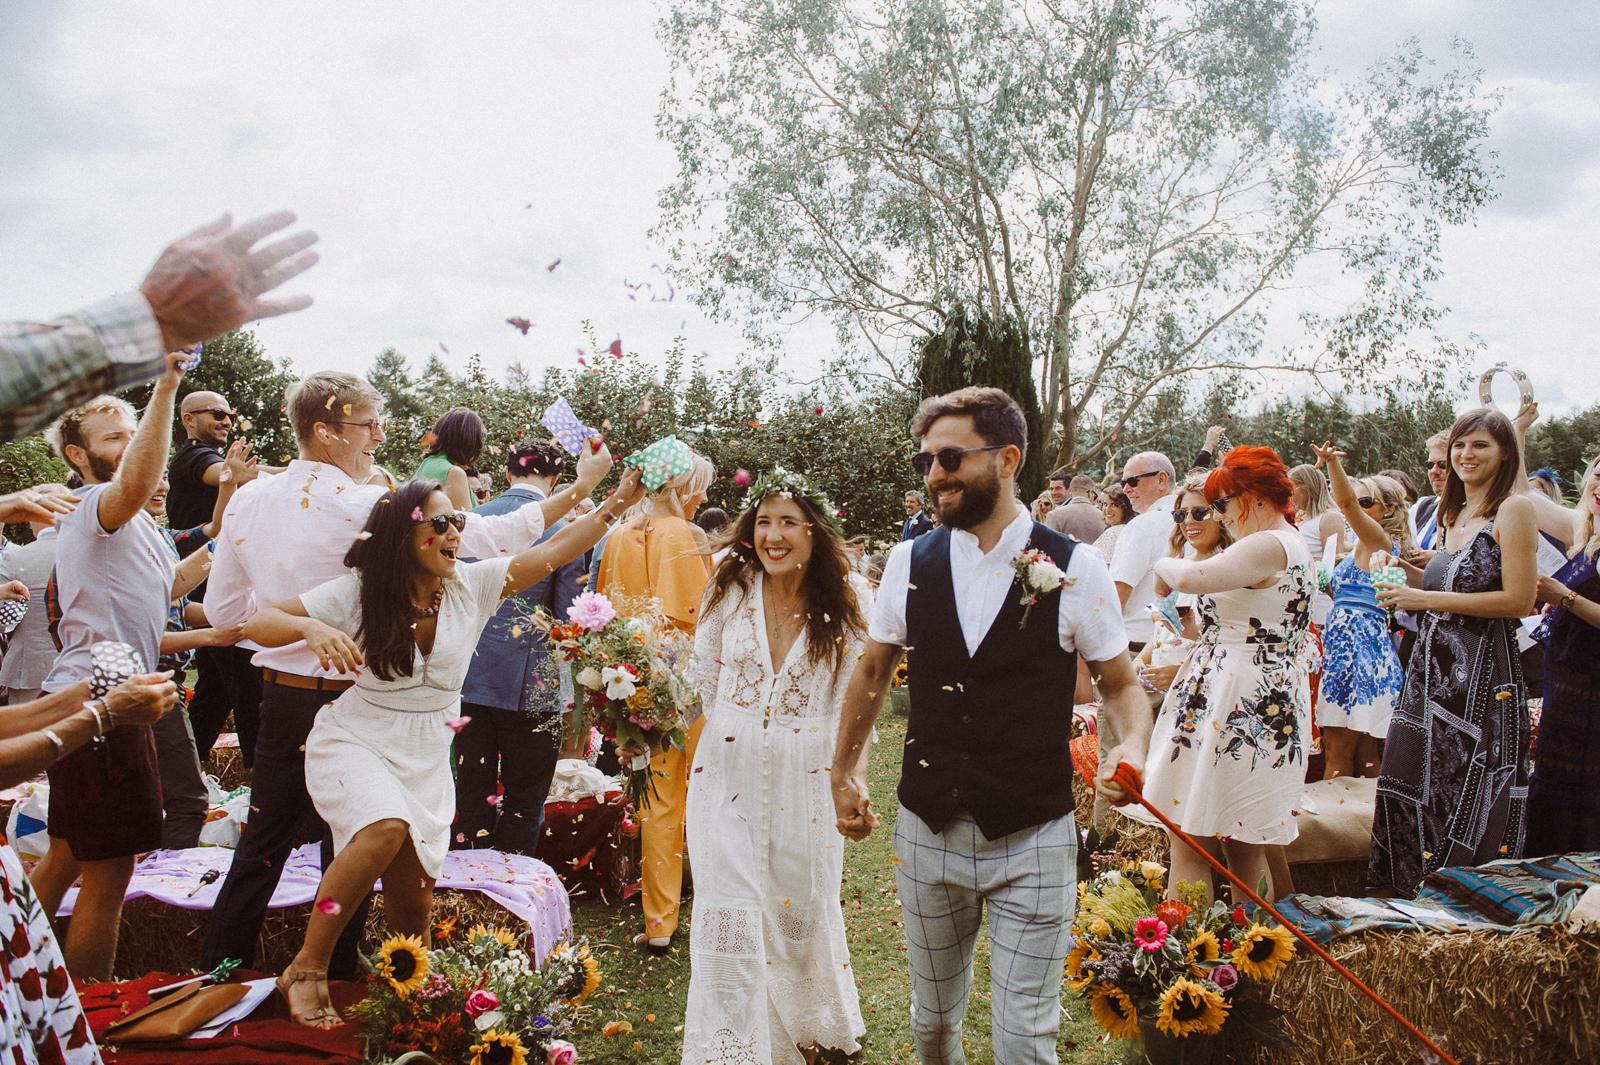 cool quirky wedding photos